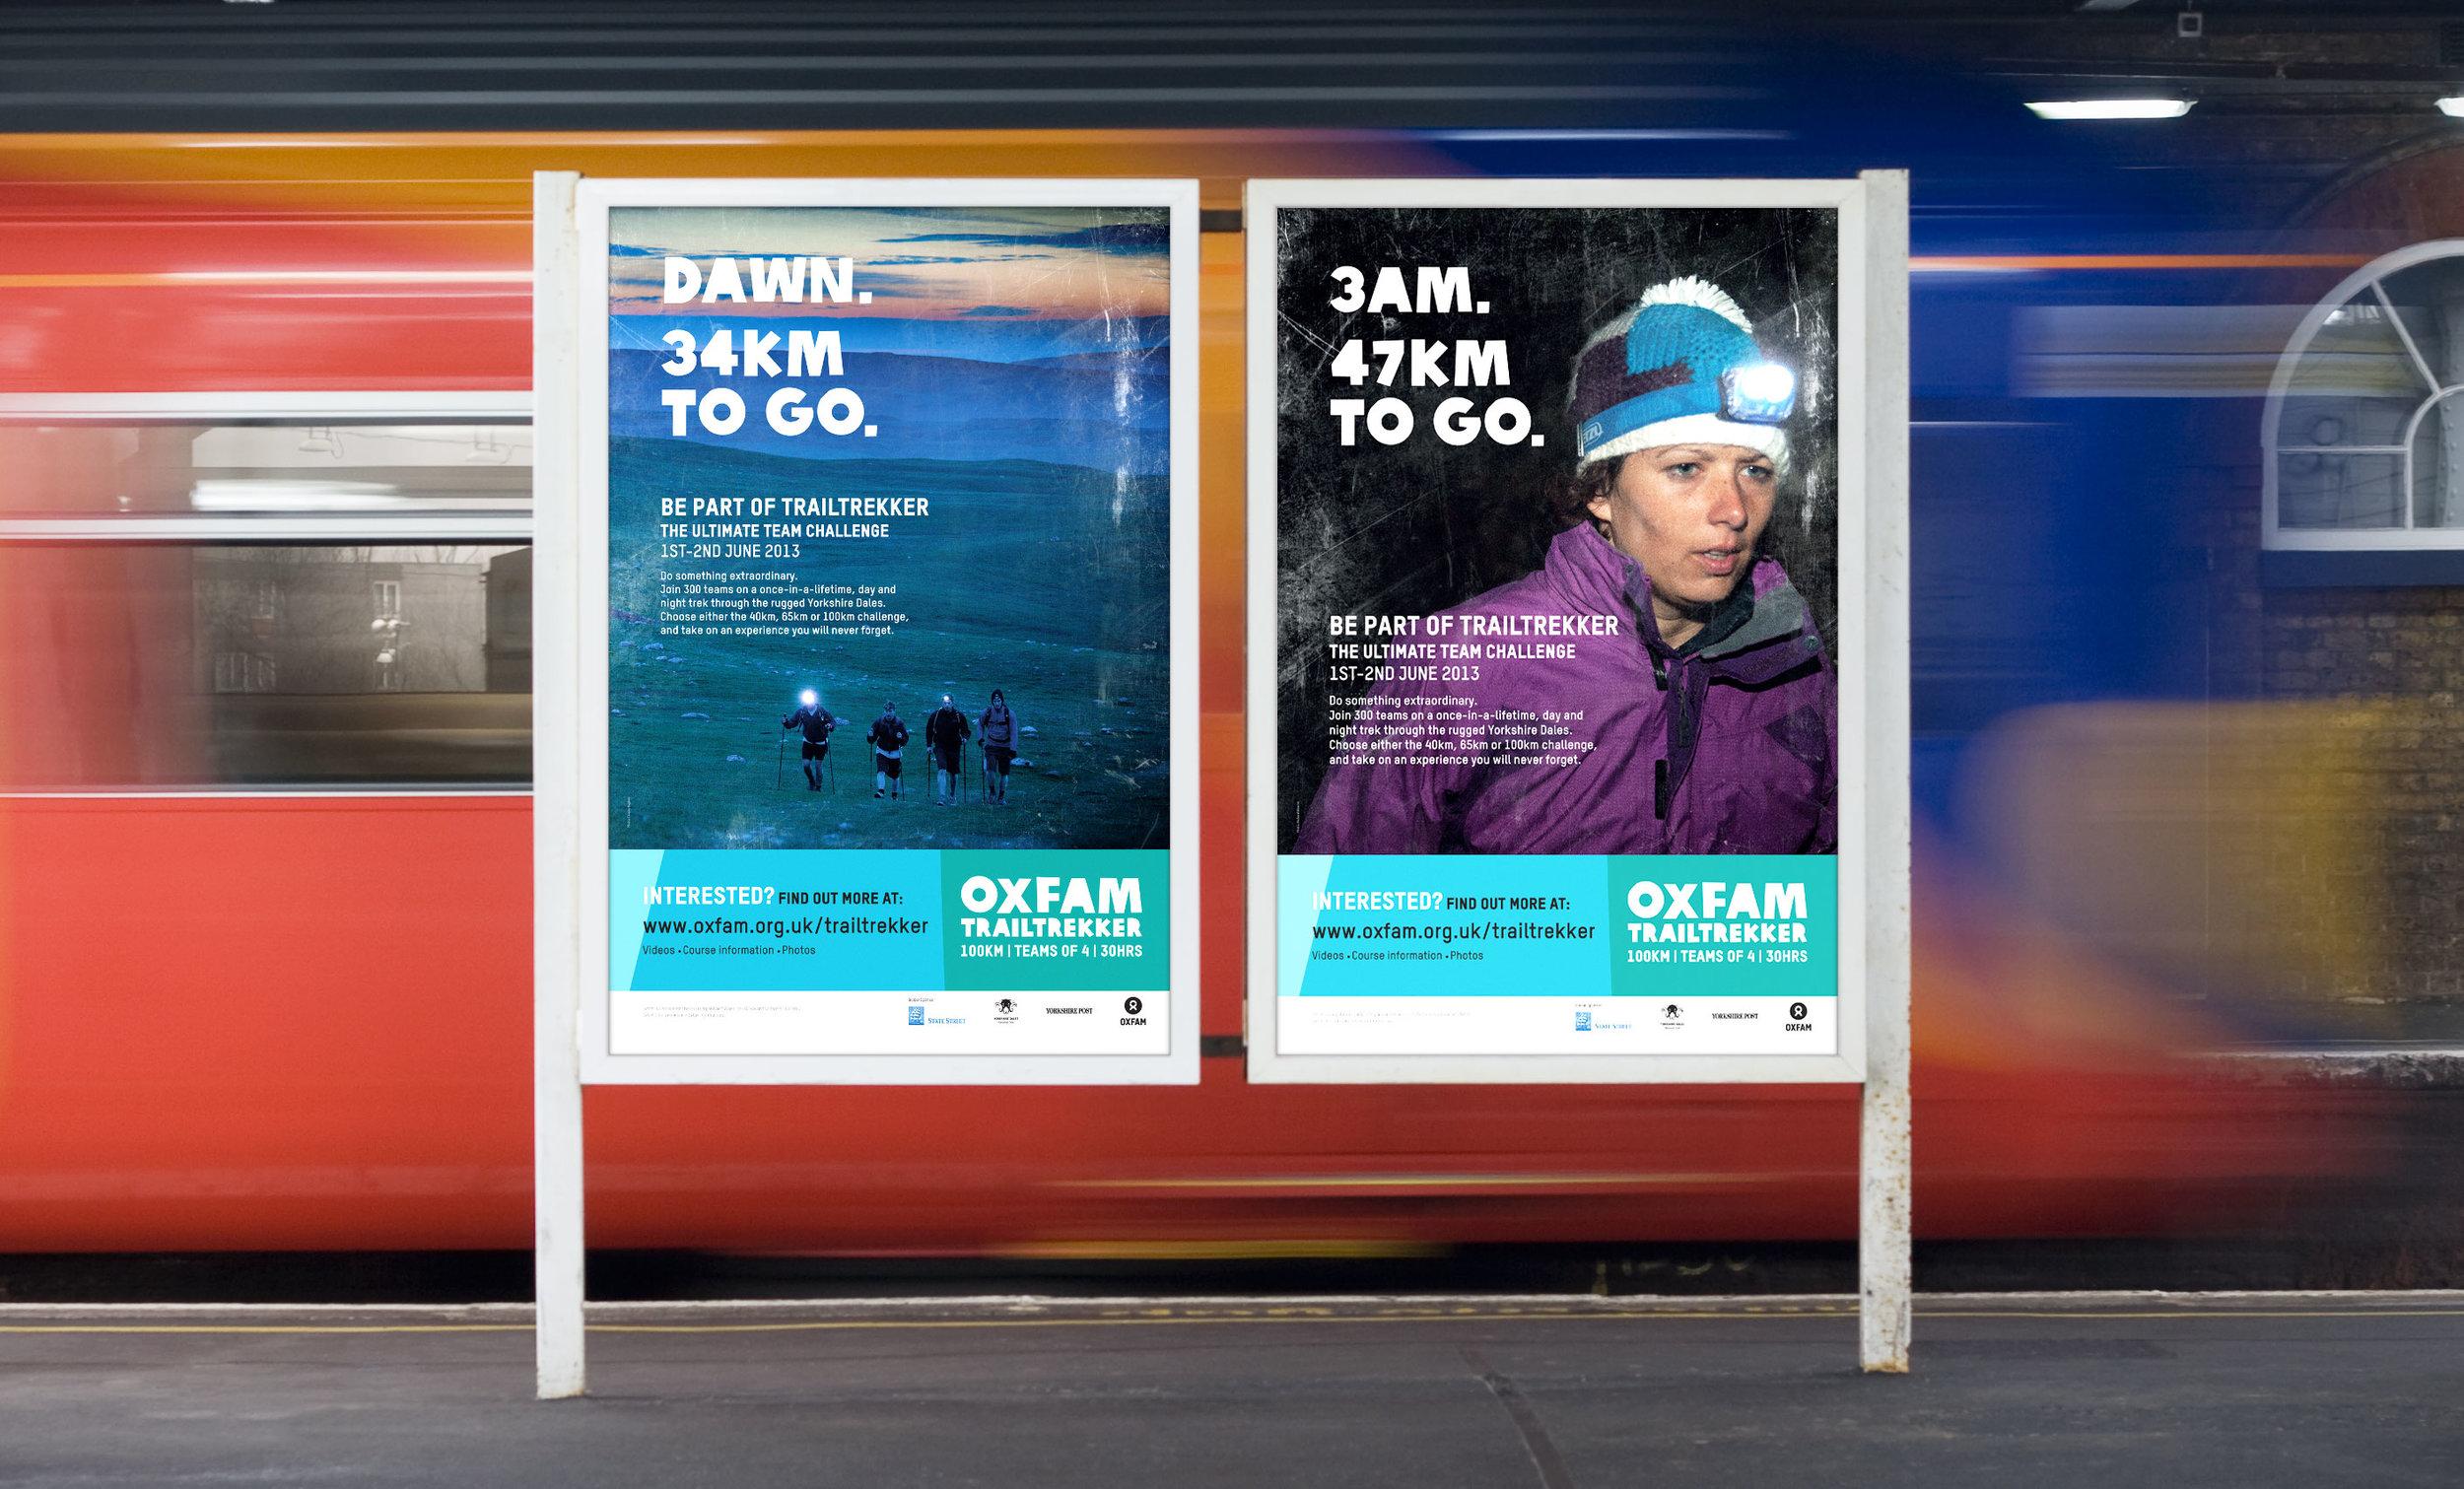 Oxfam Trailtrekker - Campaign concept, advertising, event content →